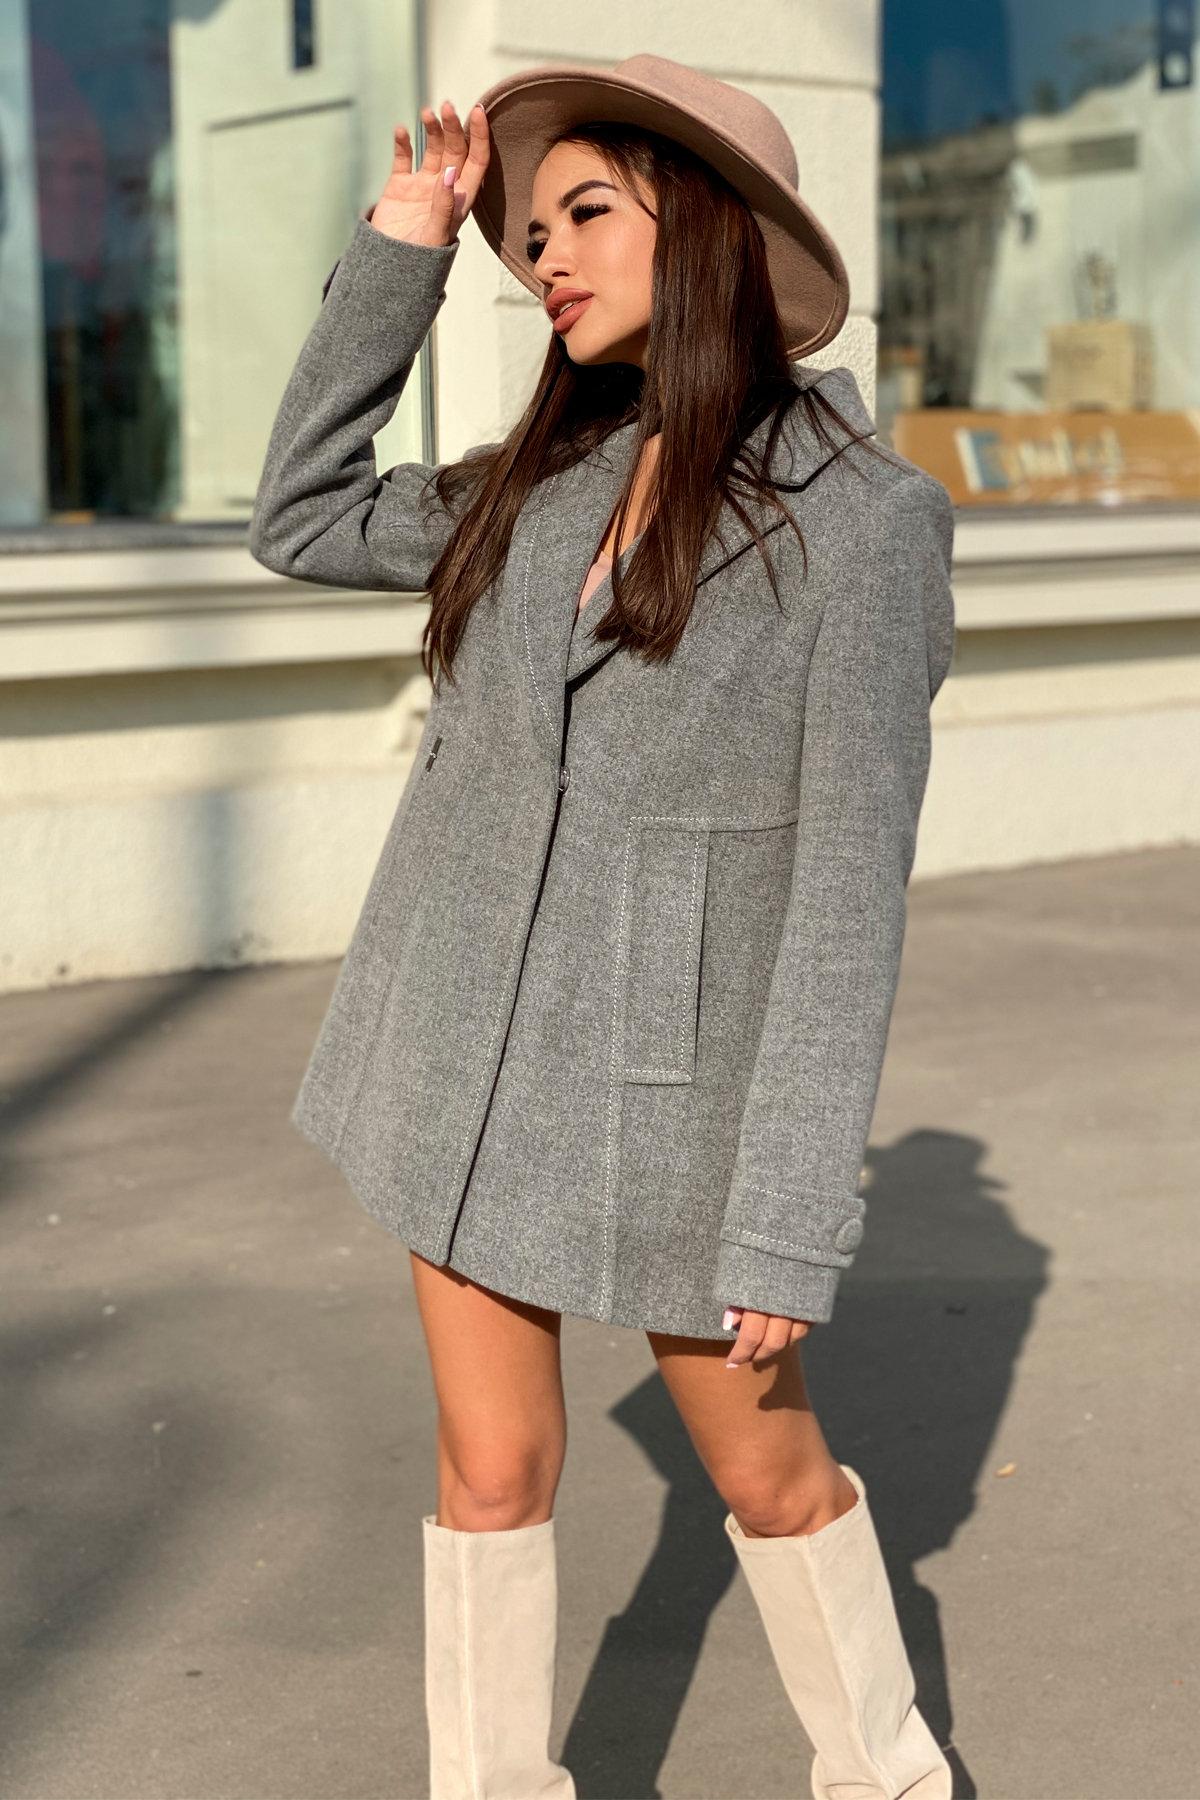 Пальто Смарта 6395 АРТ. 41427 Цвет: Серый 18 - фото 8, интернет магазин tm-modus.ru